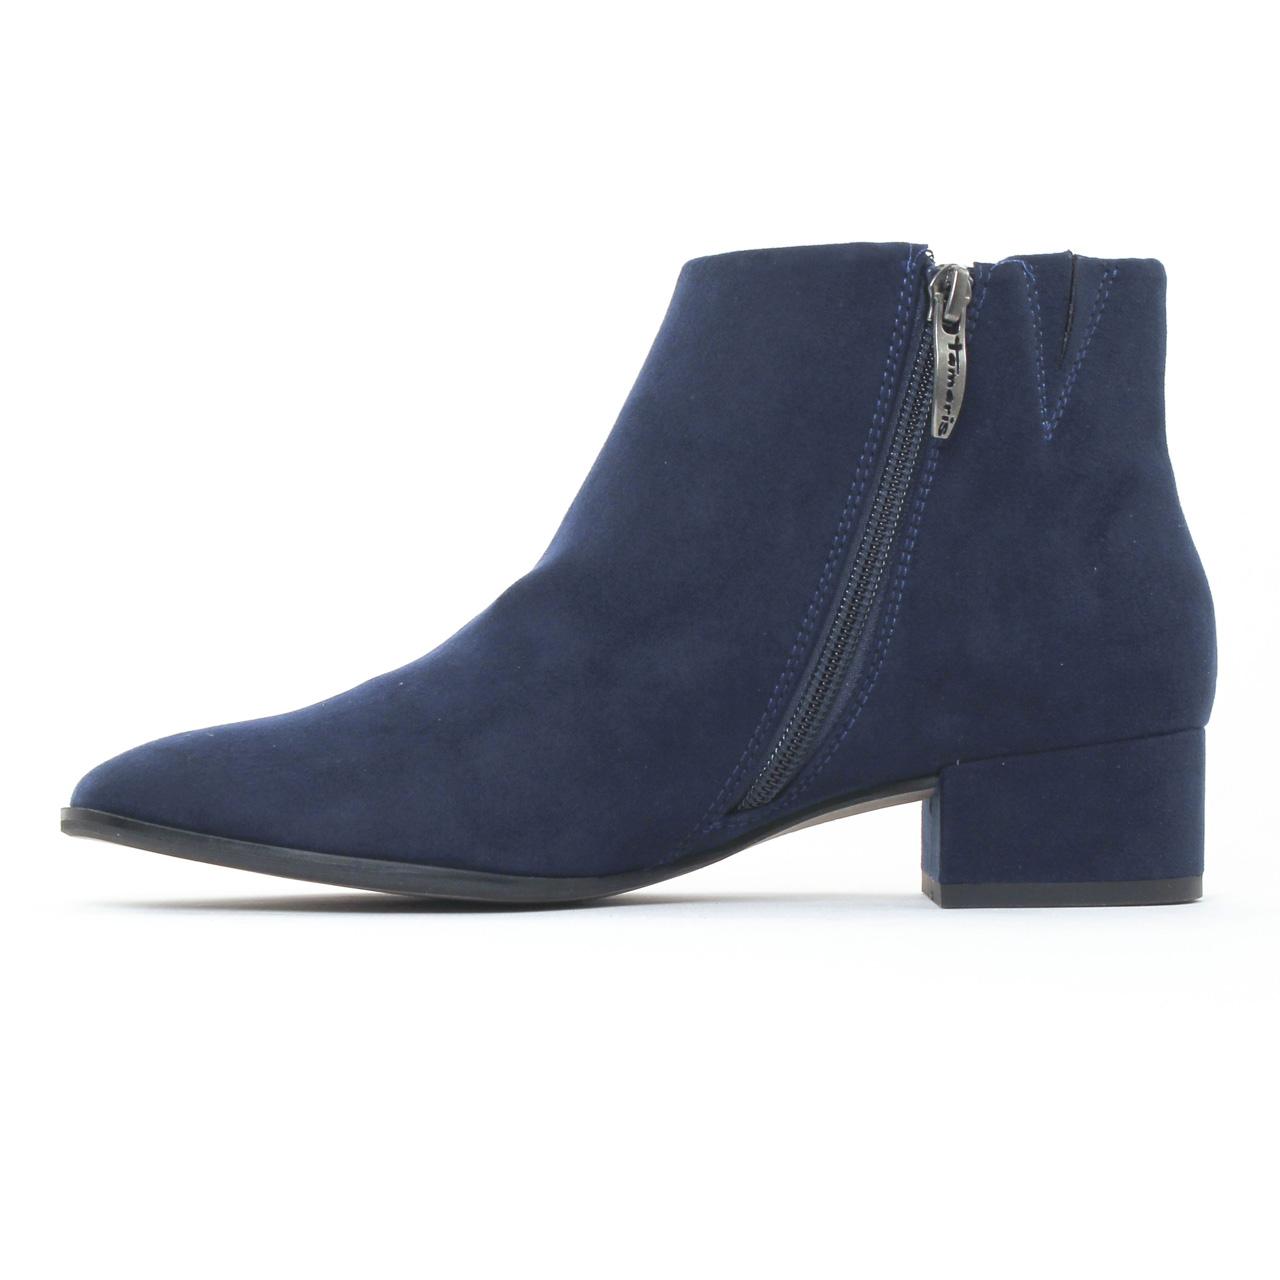 tamaris 25310 navy boots bleu automne hiver chez trois par 3. Black Bedroom Furniture Sets. Home Design Ideas